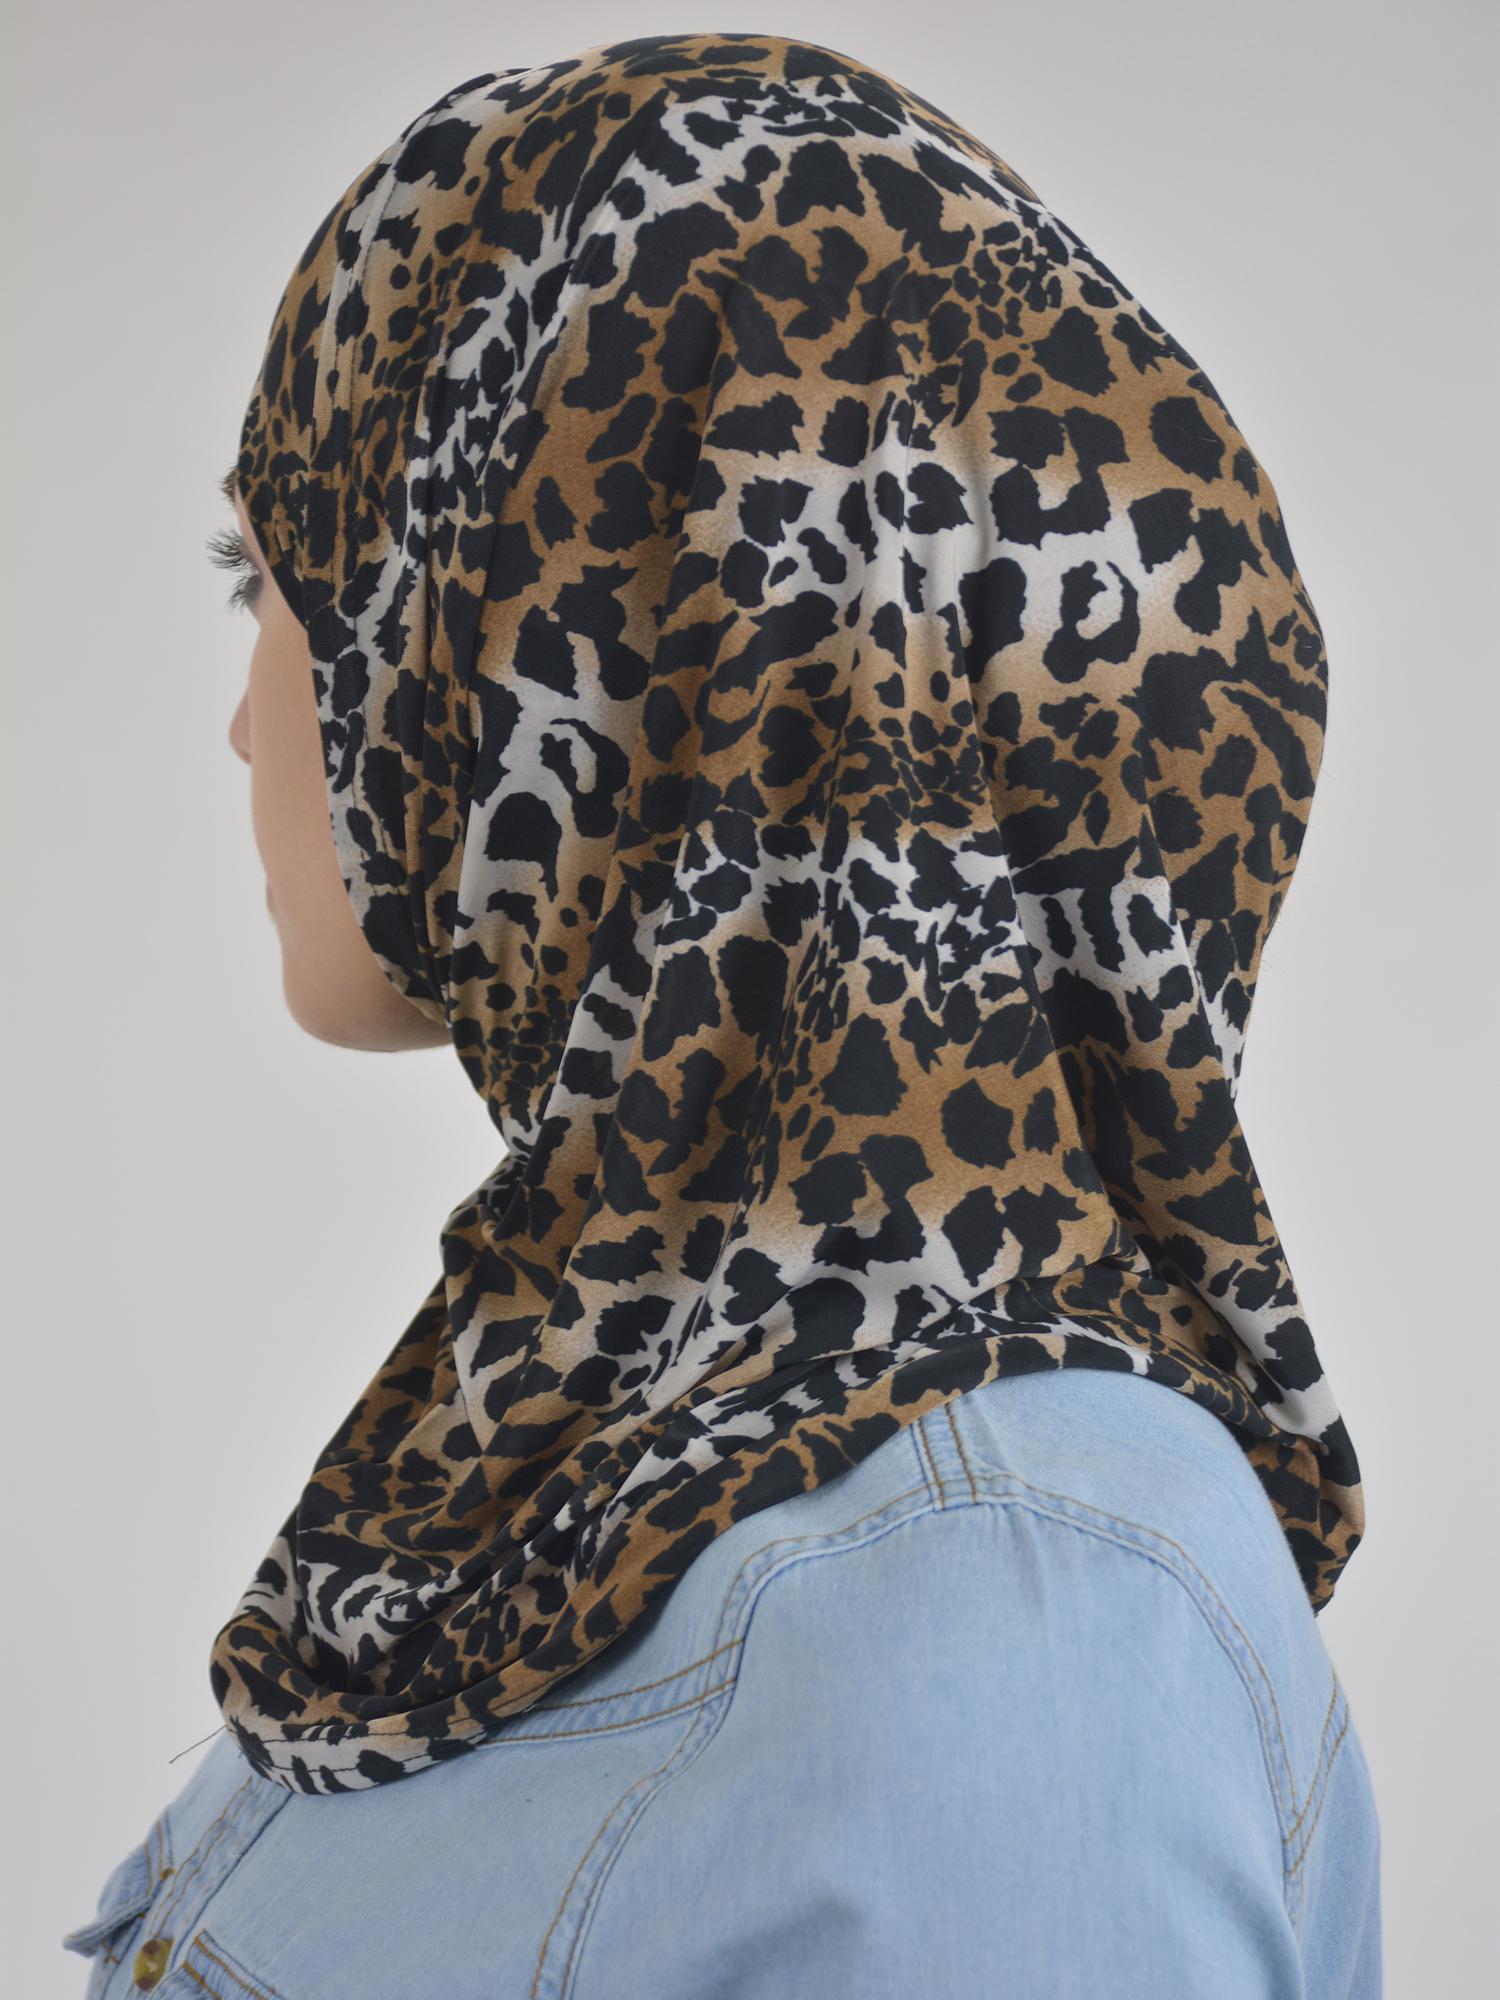 Leopard Print Two Piece Al-Amira Hijab HI2113 Brown